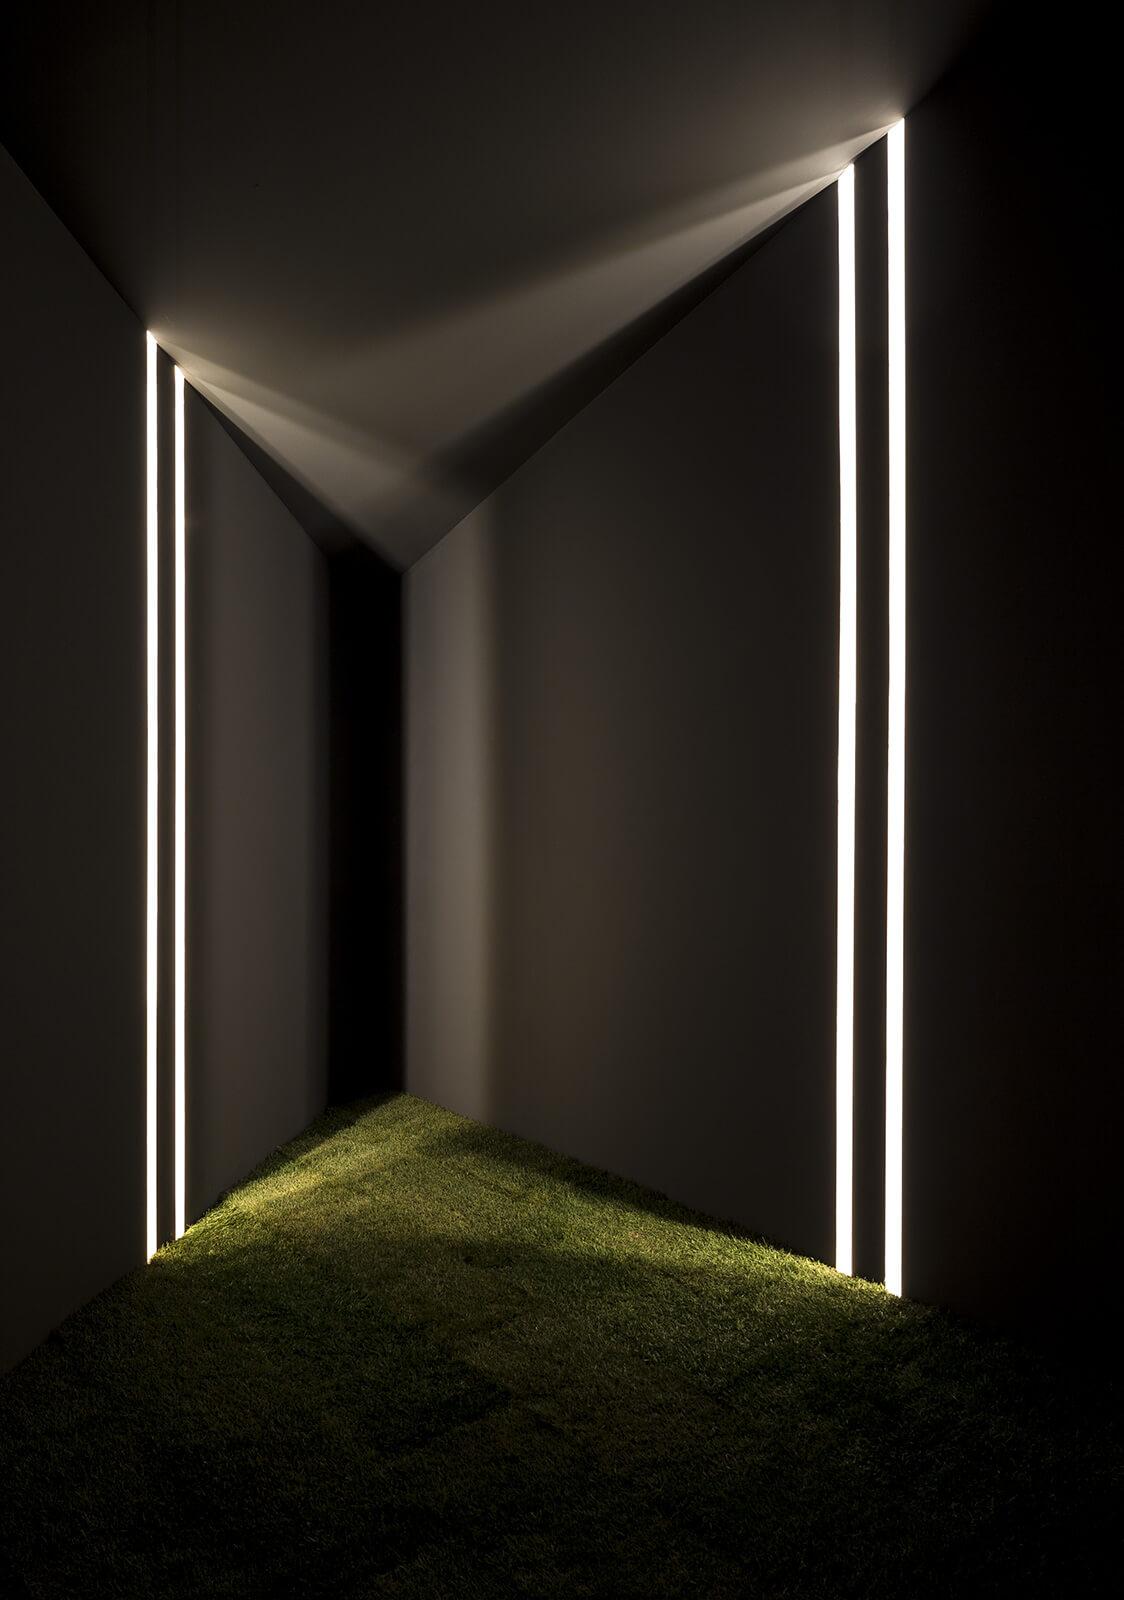 چراغ خطی و لاین نفیس نور